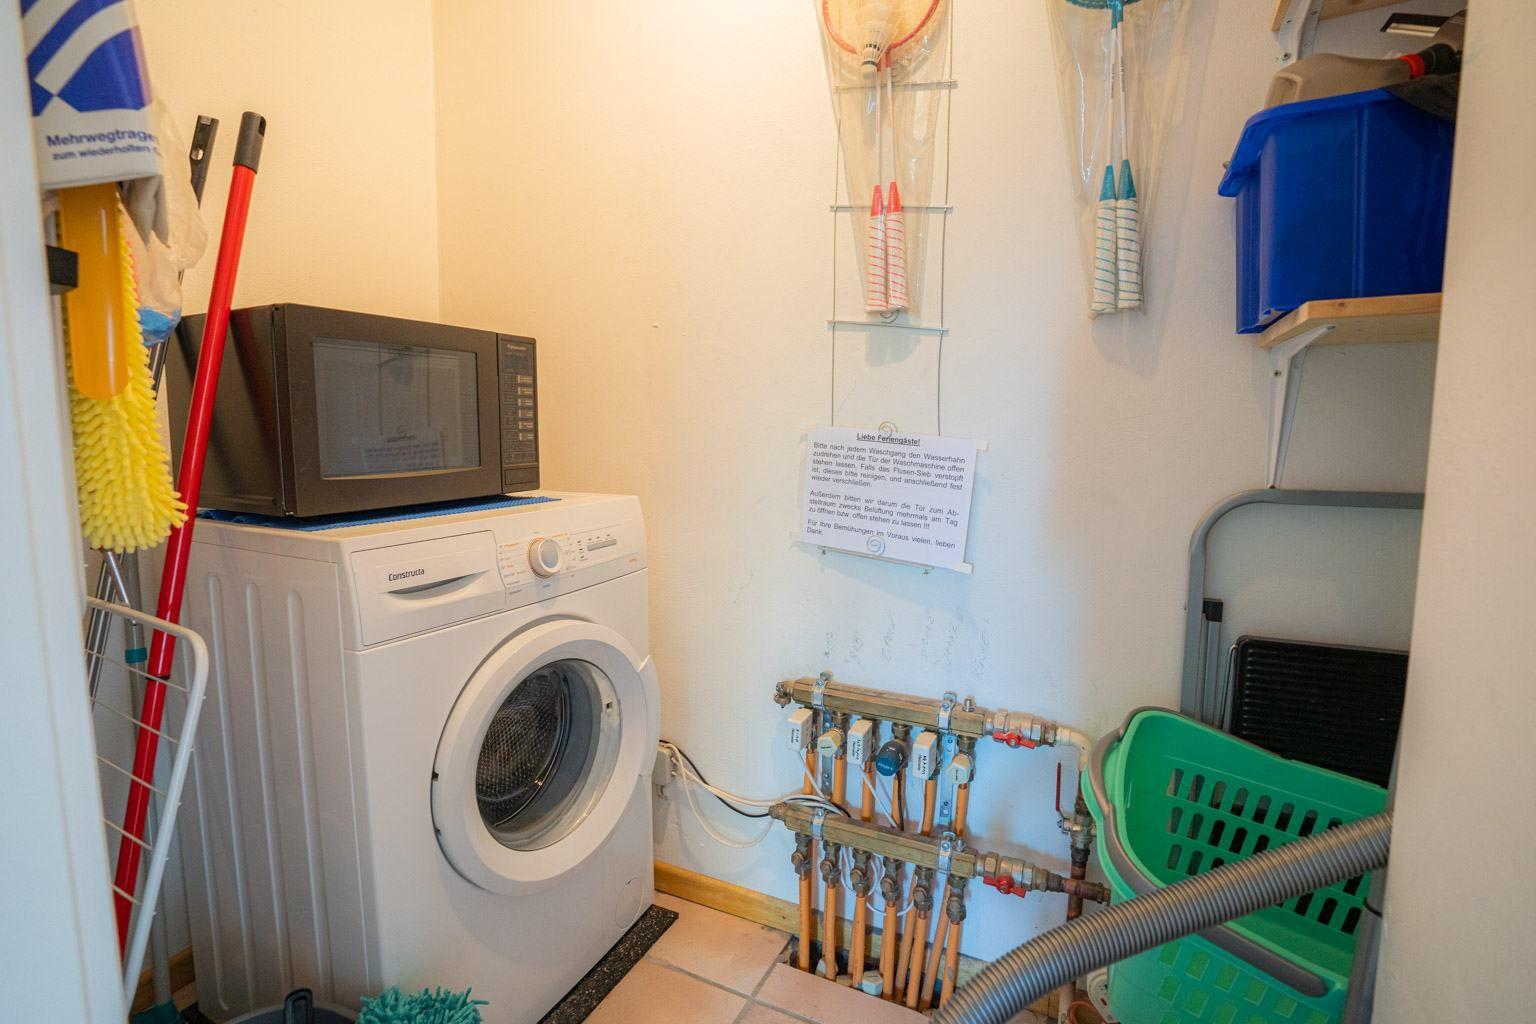 Hauswirtschaftsraum mit Waschmaschine